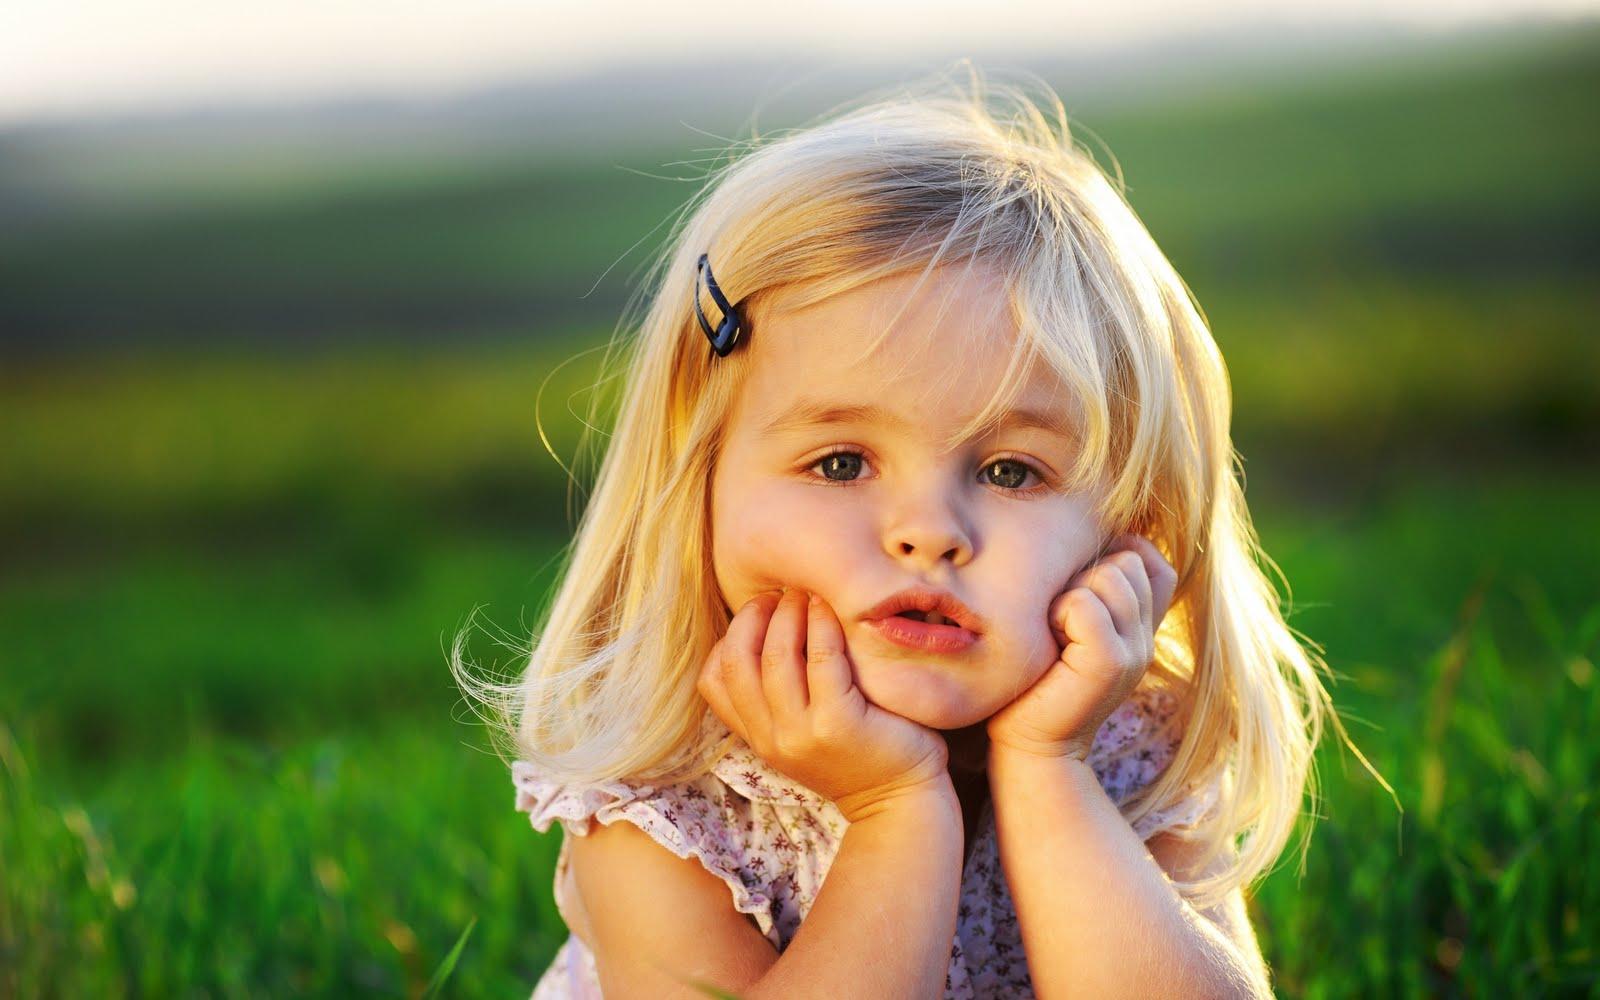 عًٍرٌٍآقٌٍيَ للنْخٌِآعًٍ: Cute Babies Wallpapers